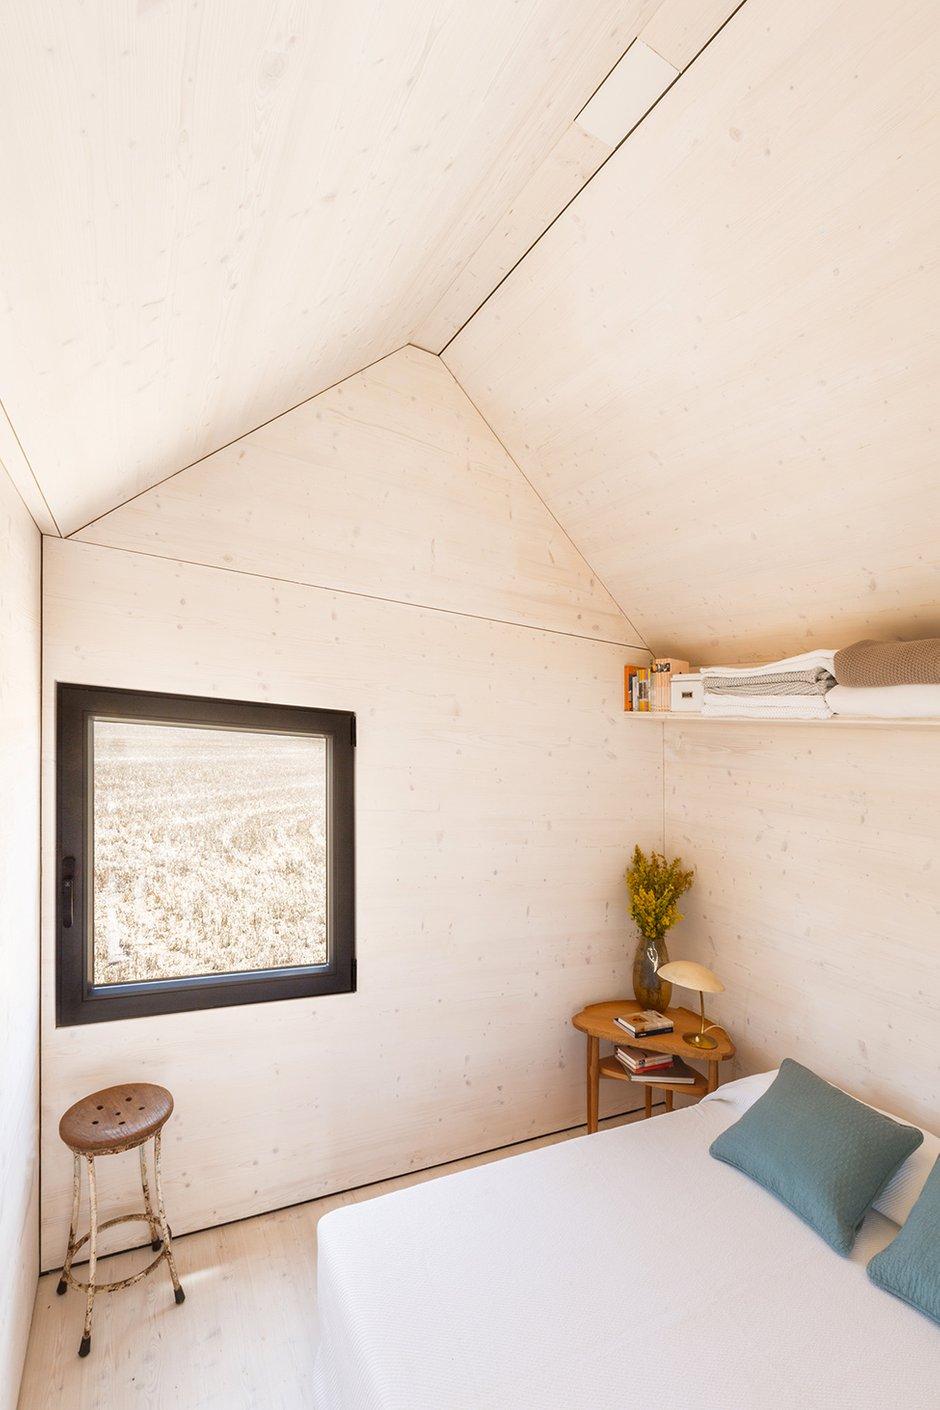 Фотография: Спальня в стиле Прованс и Кантри, Современный, Декор интерьера, Дом, Дома и квартиры, Архитектурные объекты – фото на INMYROOM